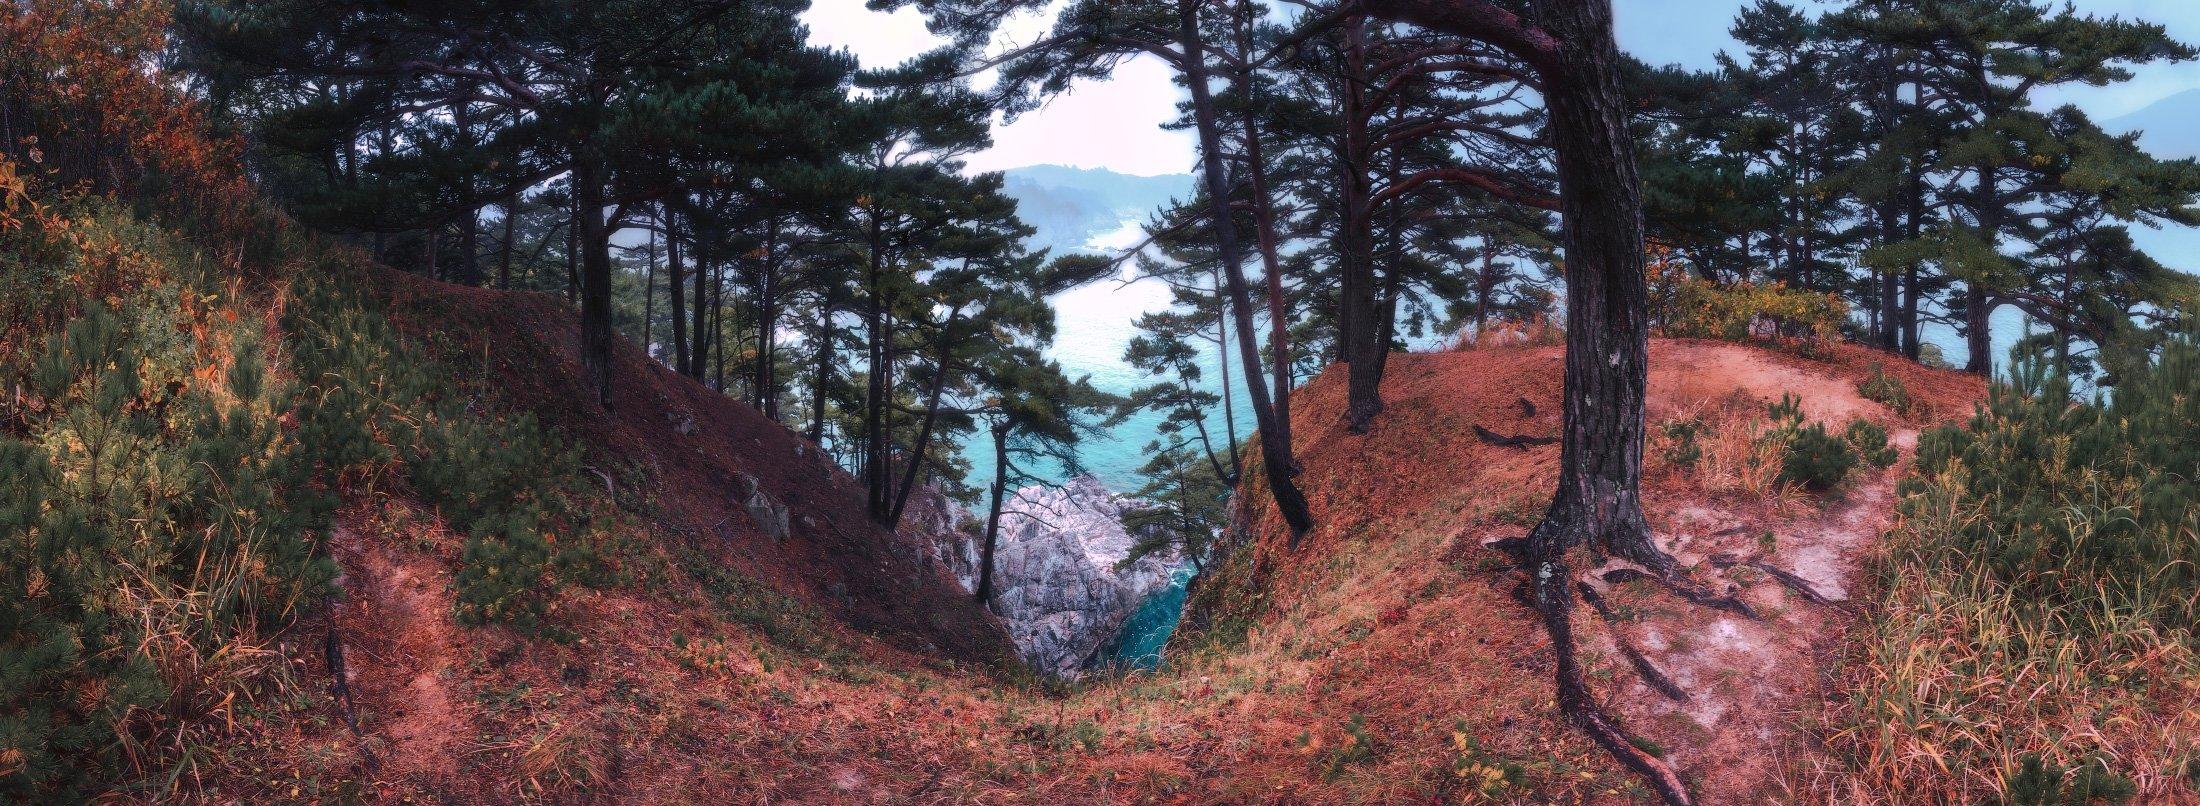 панорама, осень, сосны, море, скалы, Андрей Кровлин